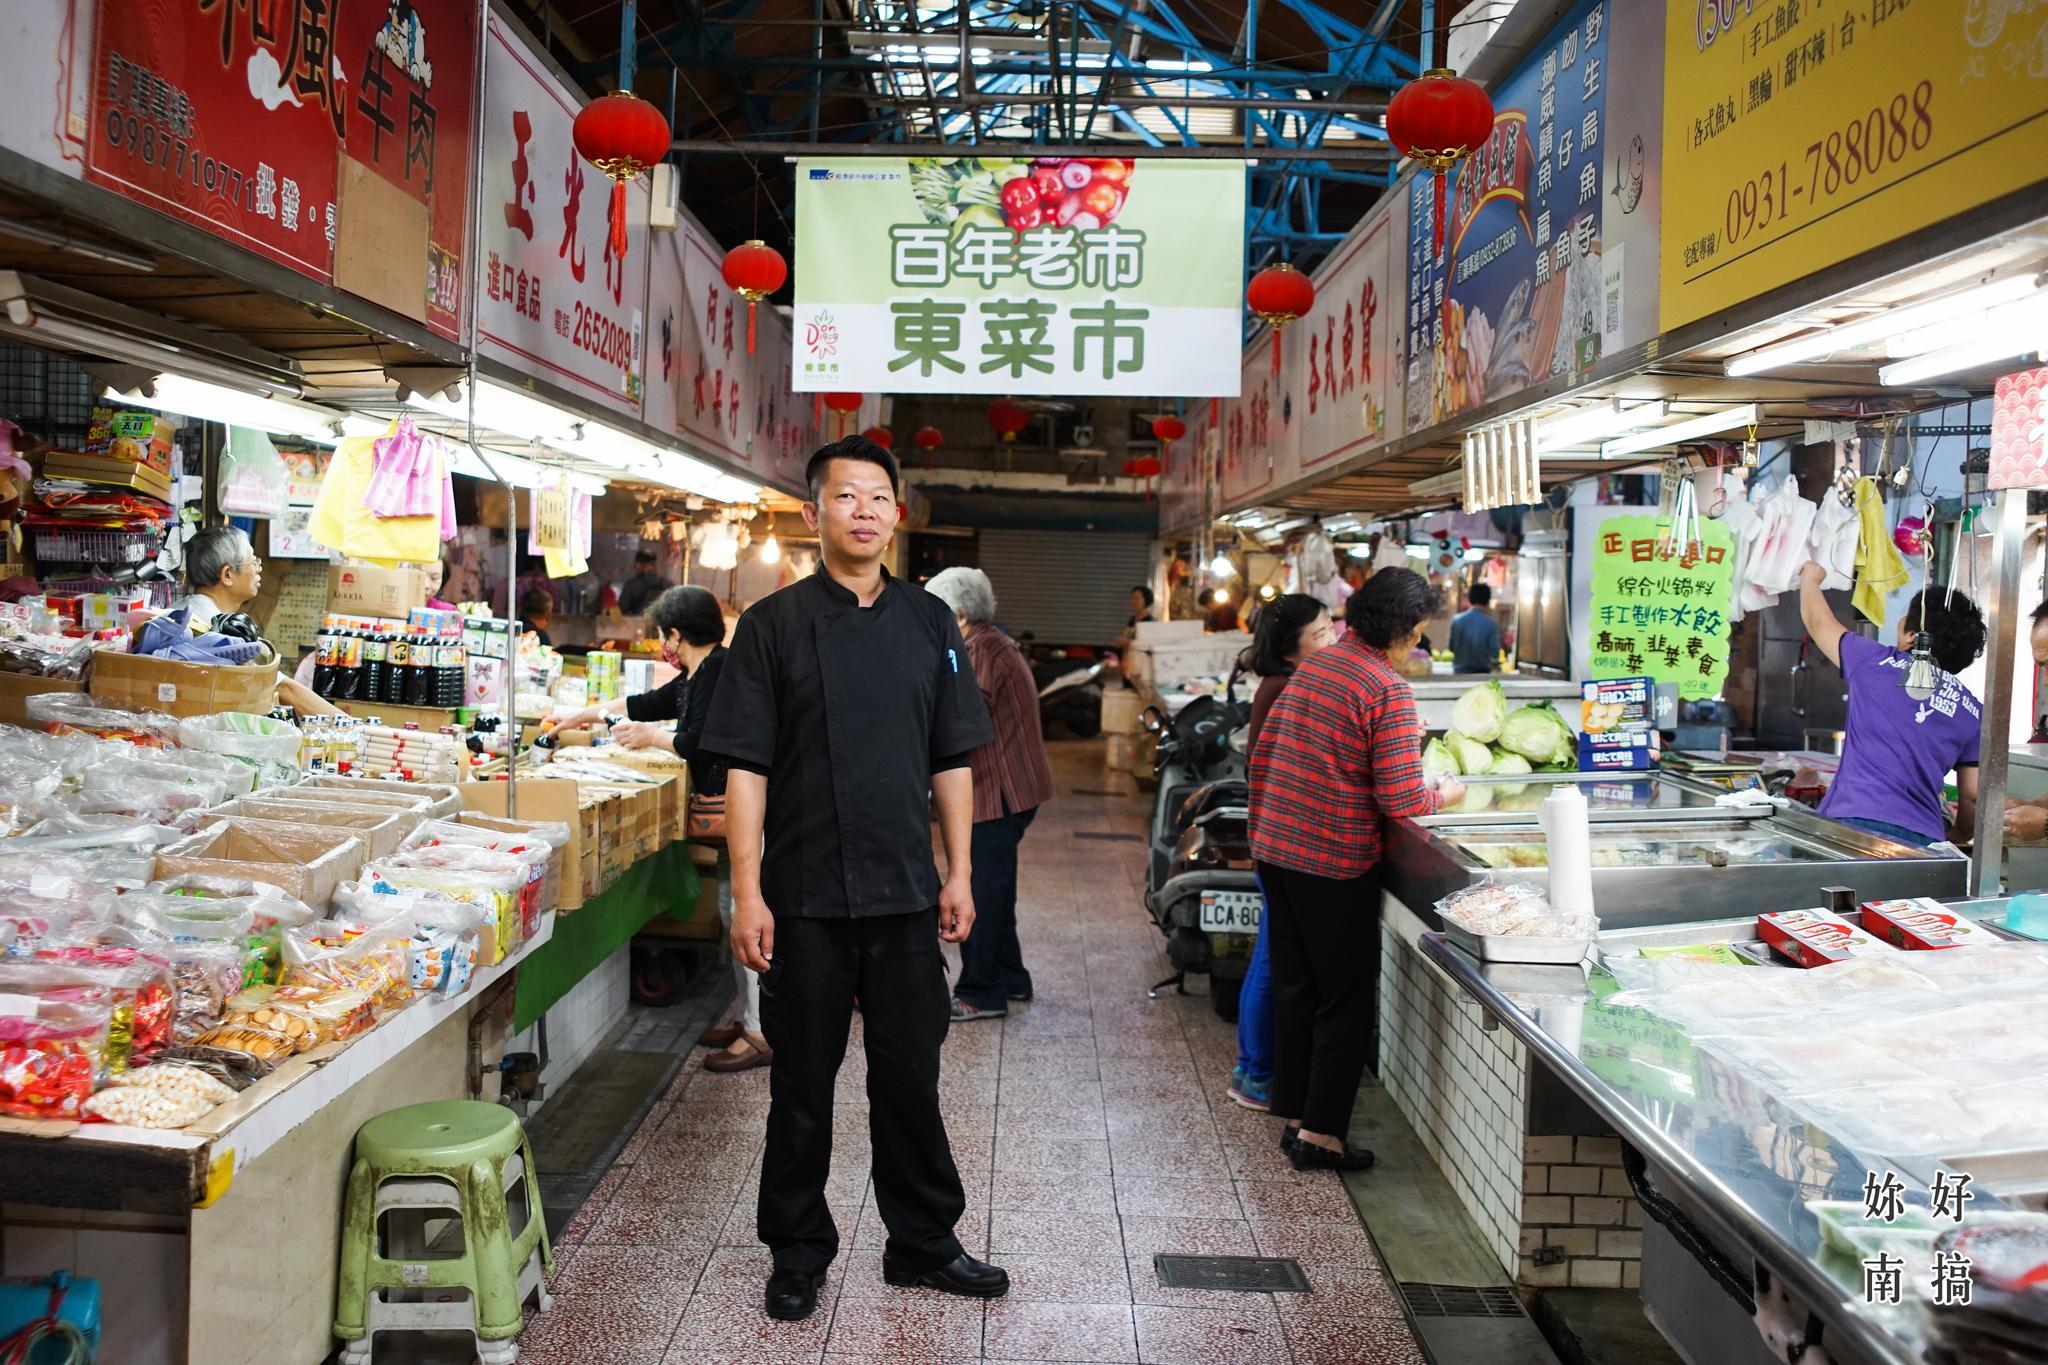 東菜市旅行-cheftable市場-02-妳好南搞